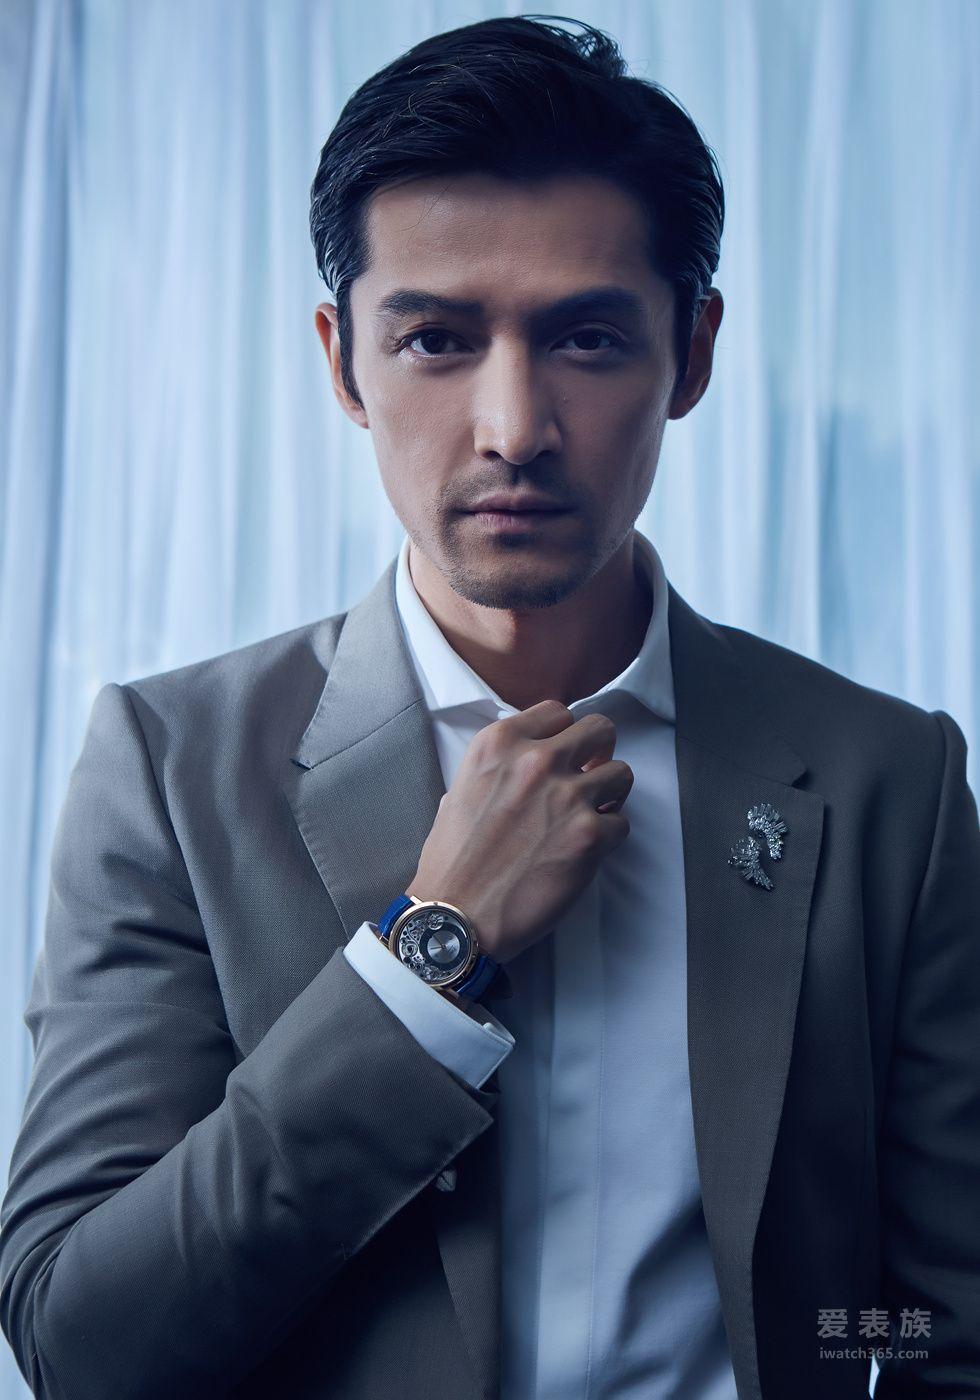 突破极限 释义优雅 伯爵携品牌推广大使胡歌领略ALTIPLANO超薄腕表的至臻魅力